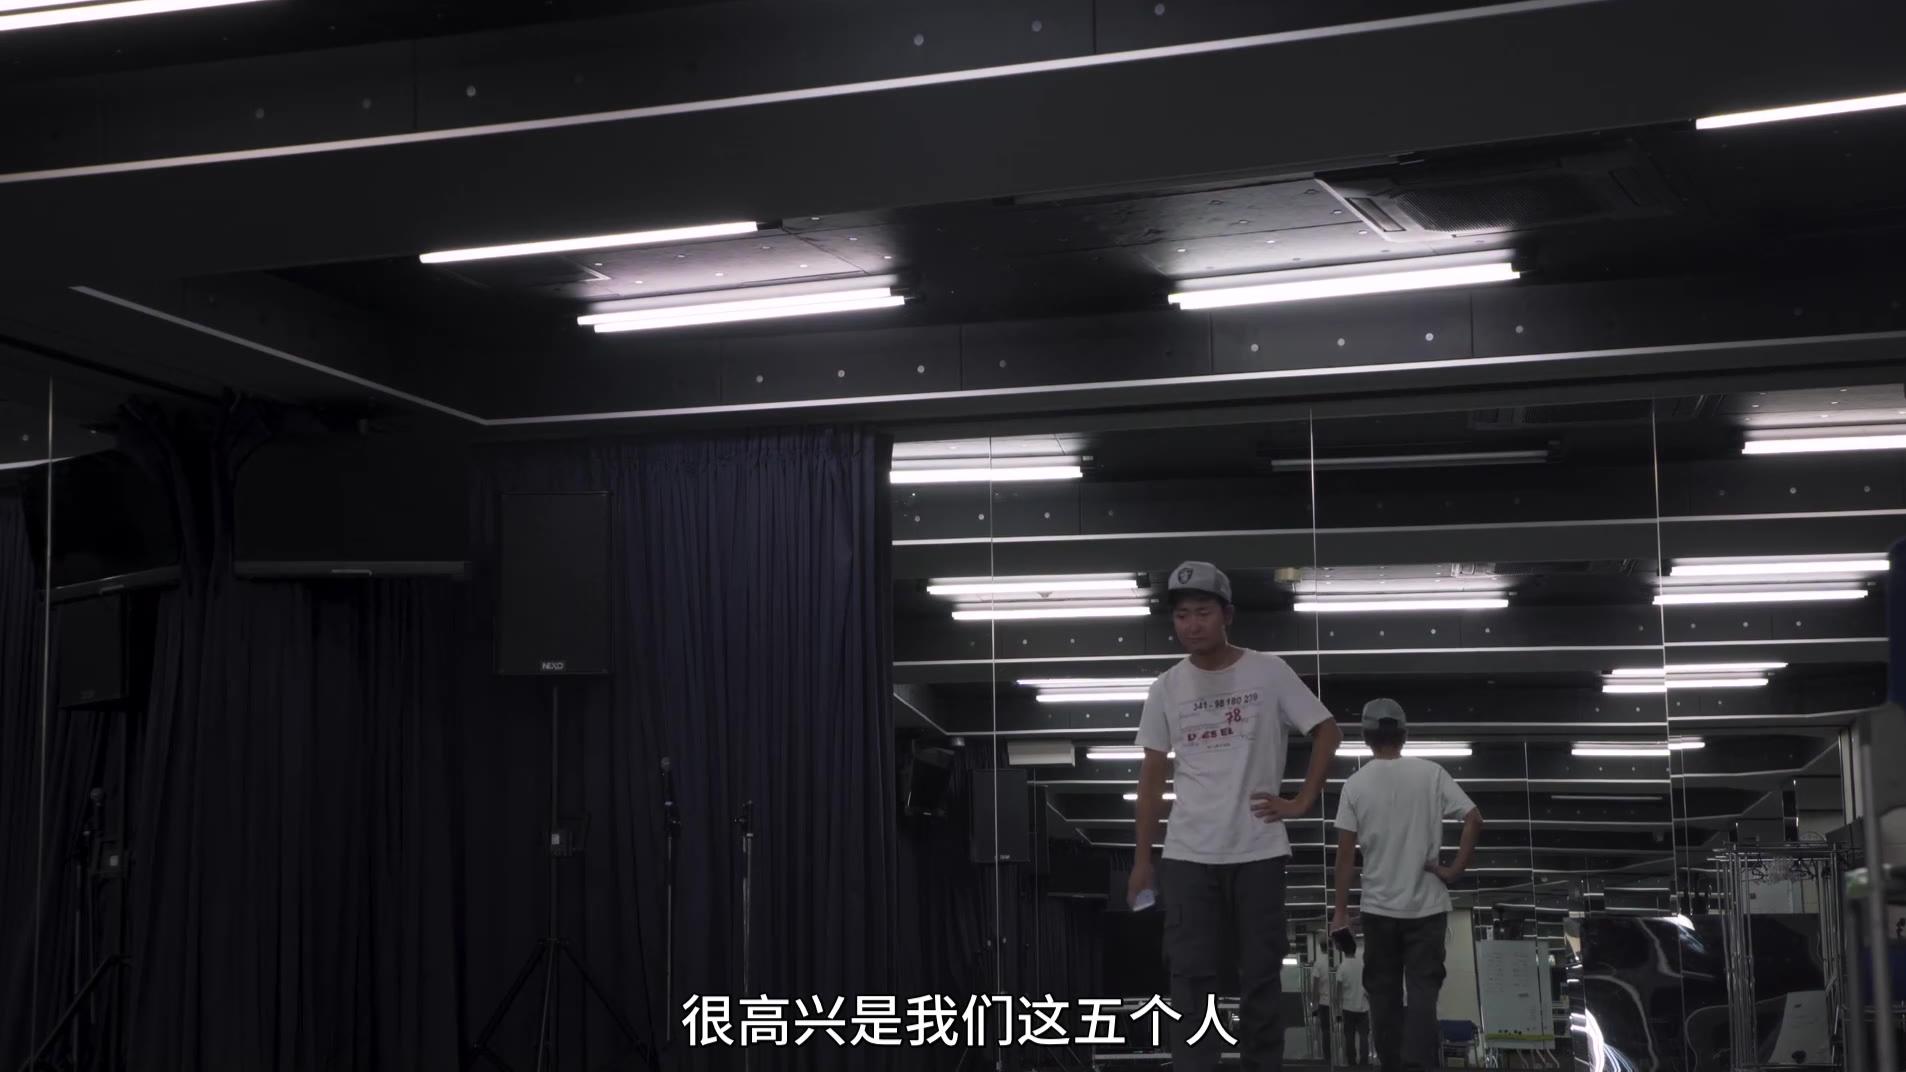 【纪录片】【岚日志.征途】【S01E02】【1080p】【中字】【2019】